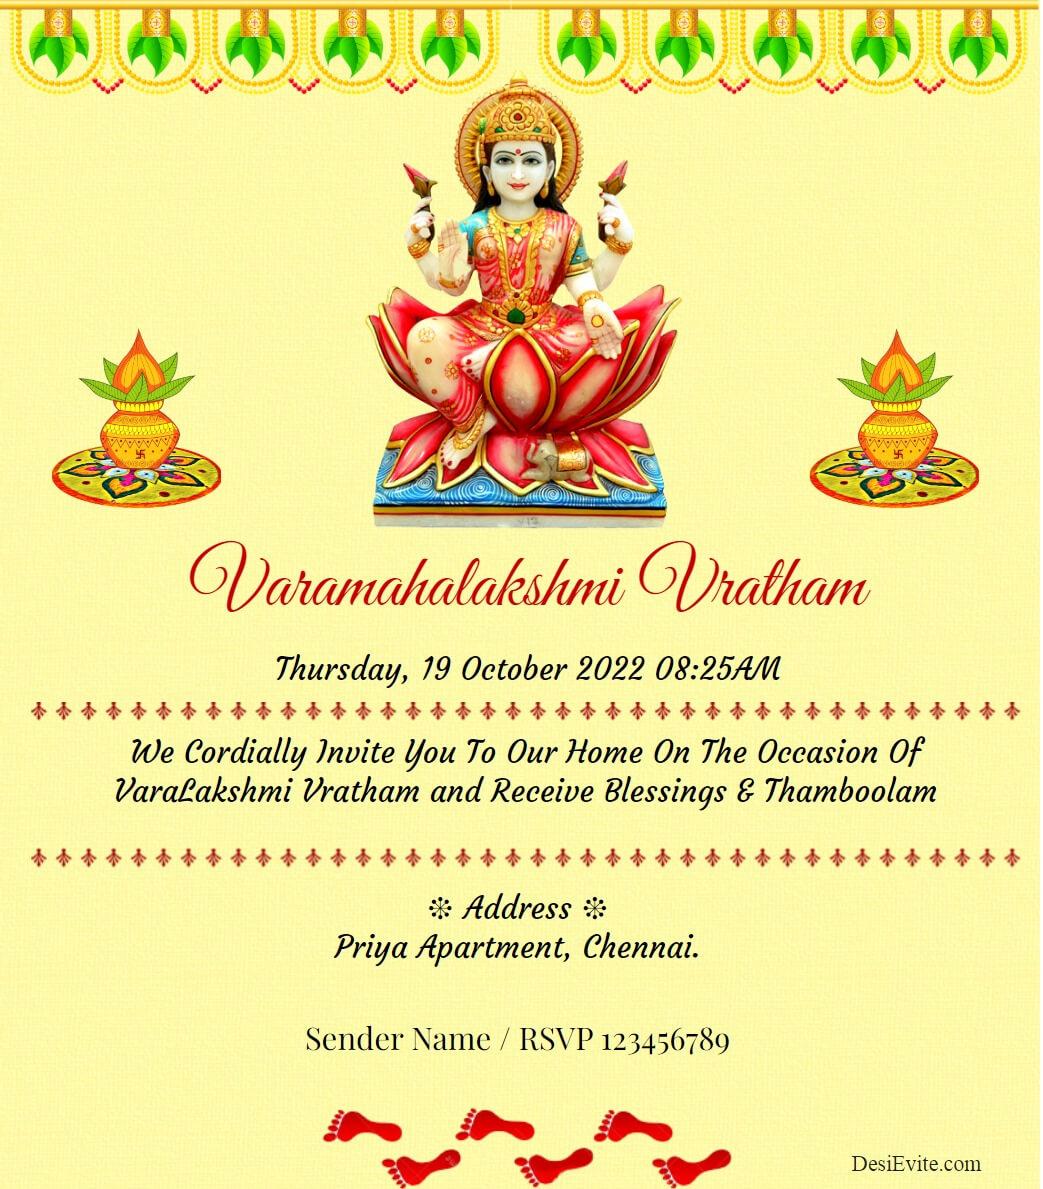 Varamahalakshmi Vratham card 67